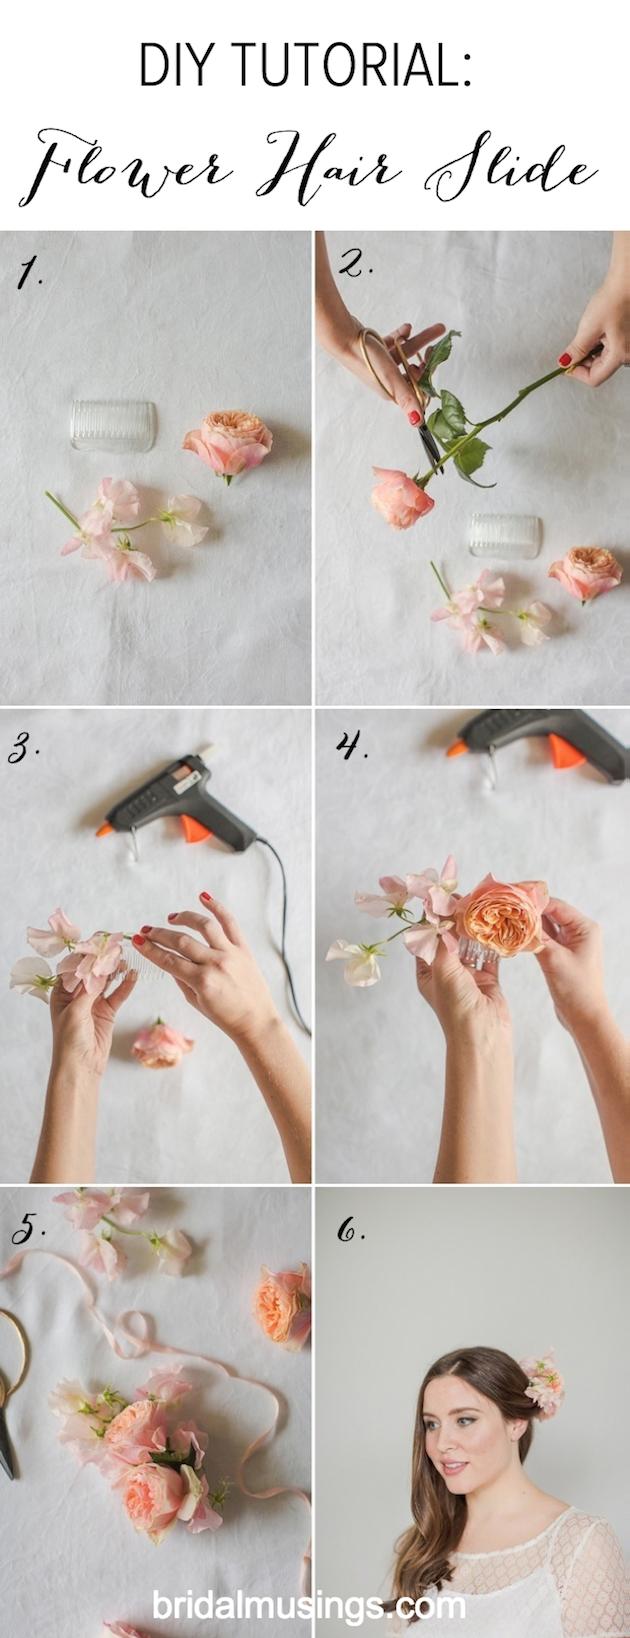 diy flower hair slide tutorial - bridal musings wedding blog